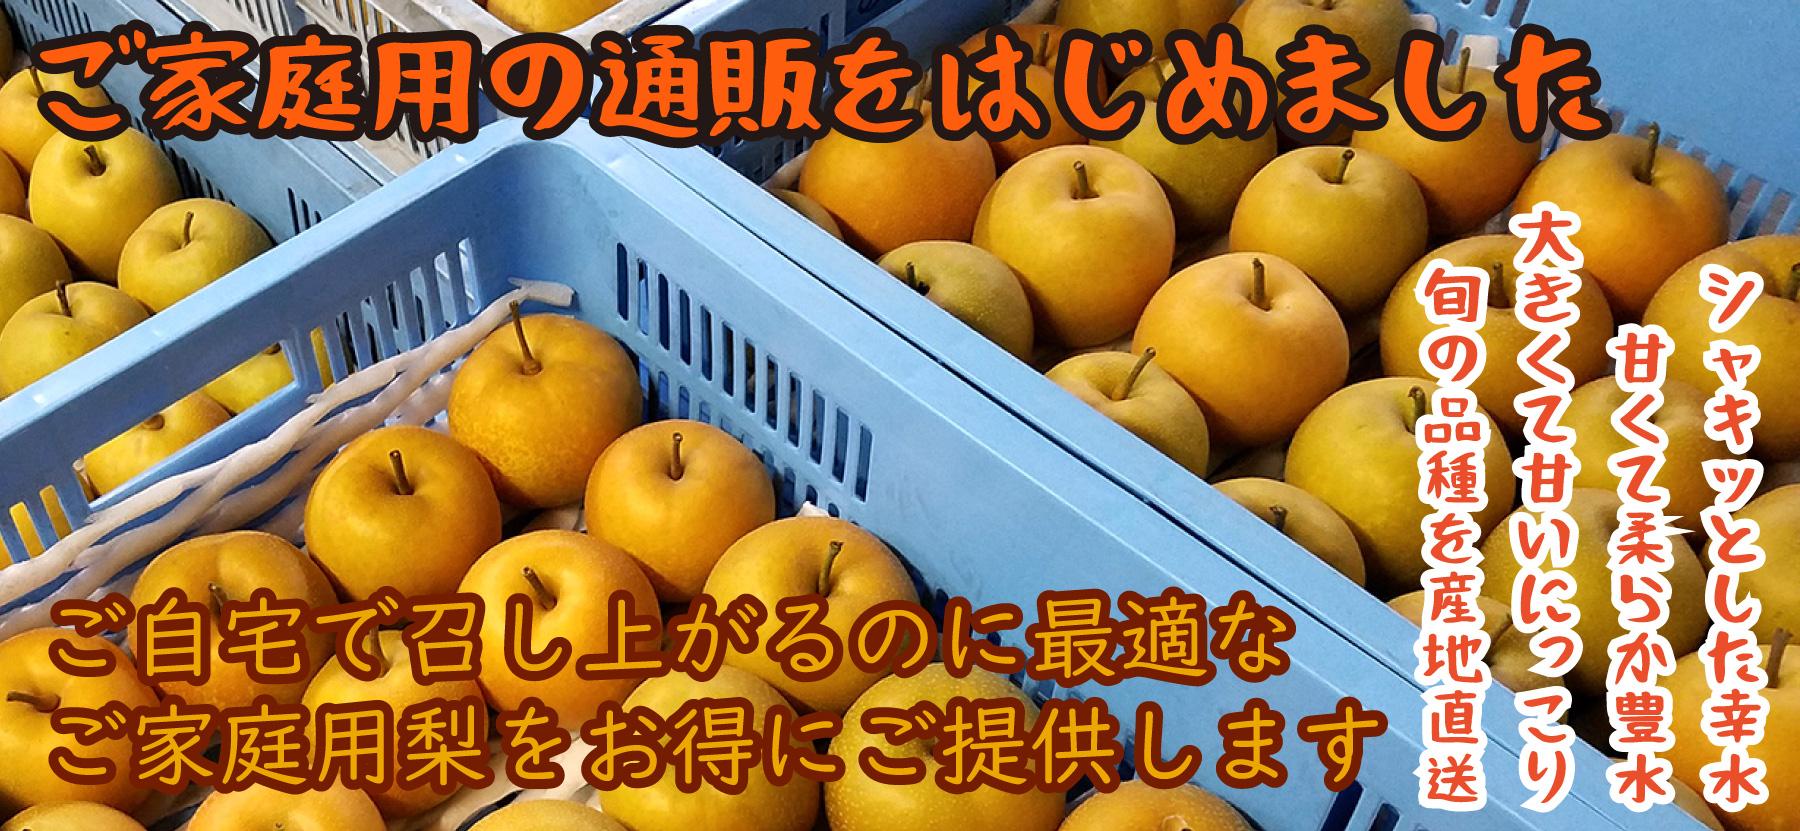 梨のご家庭用、お得です